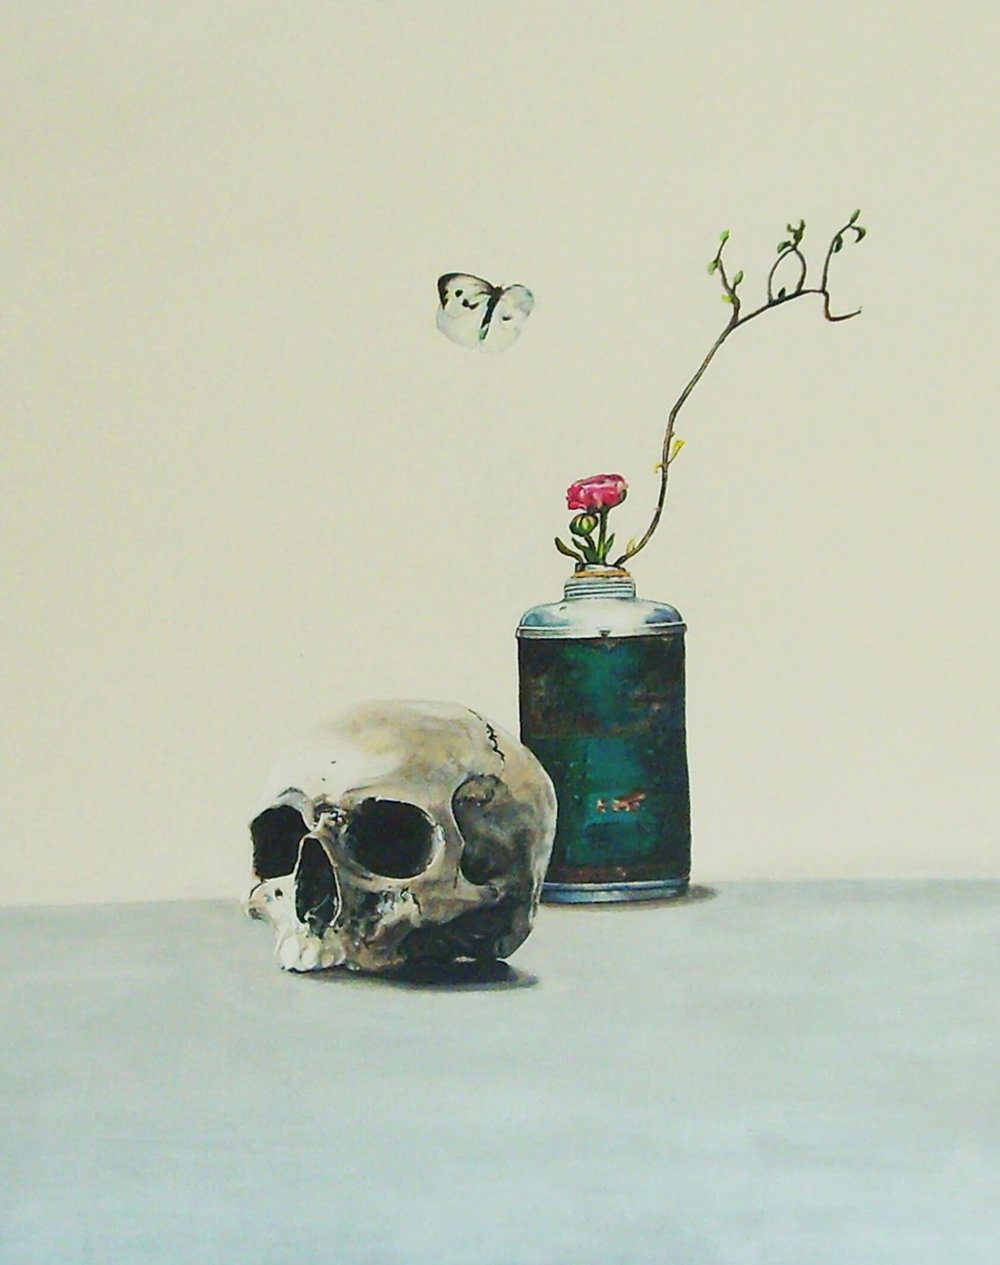 Serenity, 70 cm x 50 cm x 4 cm, signiert auf der Rueckseite, 2012, VERKAUFT